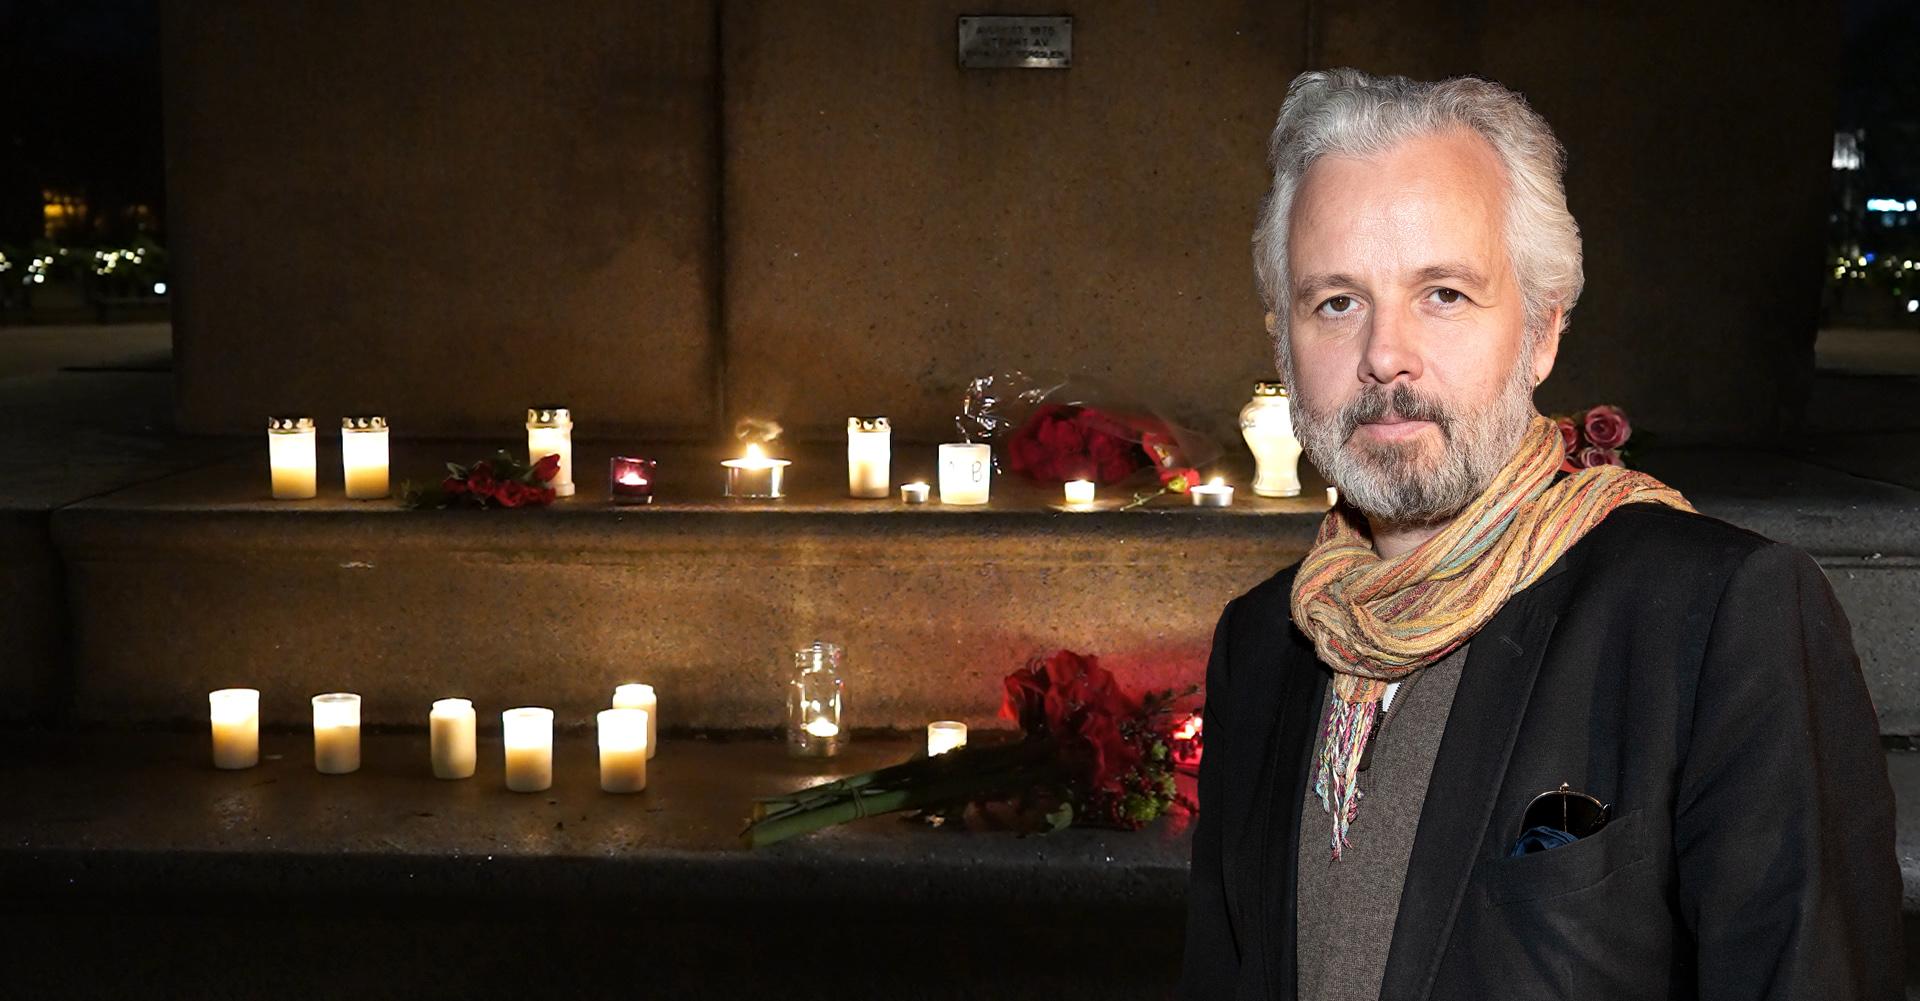 Ljusen tänds för Ari Behn utanför slottet i Norge